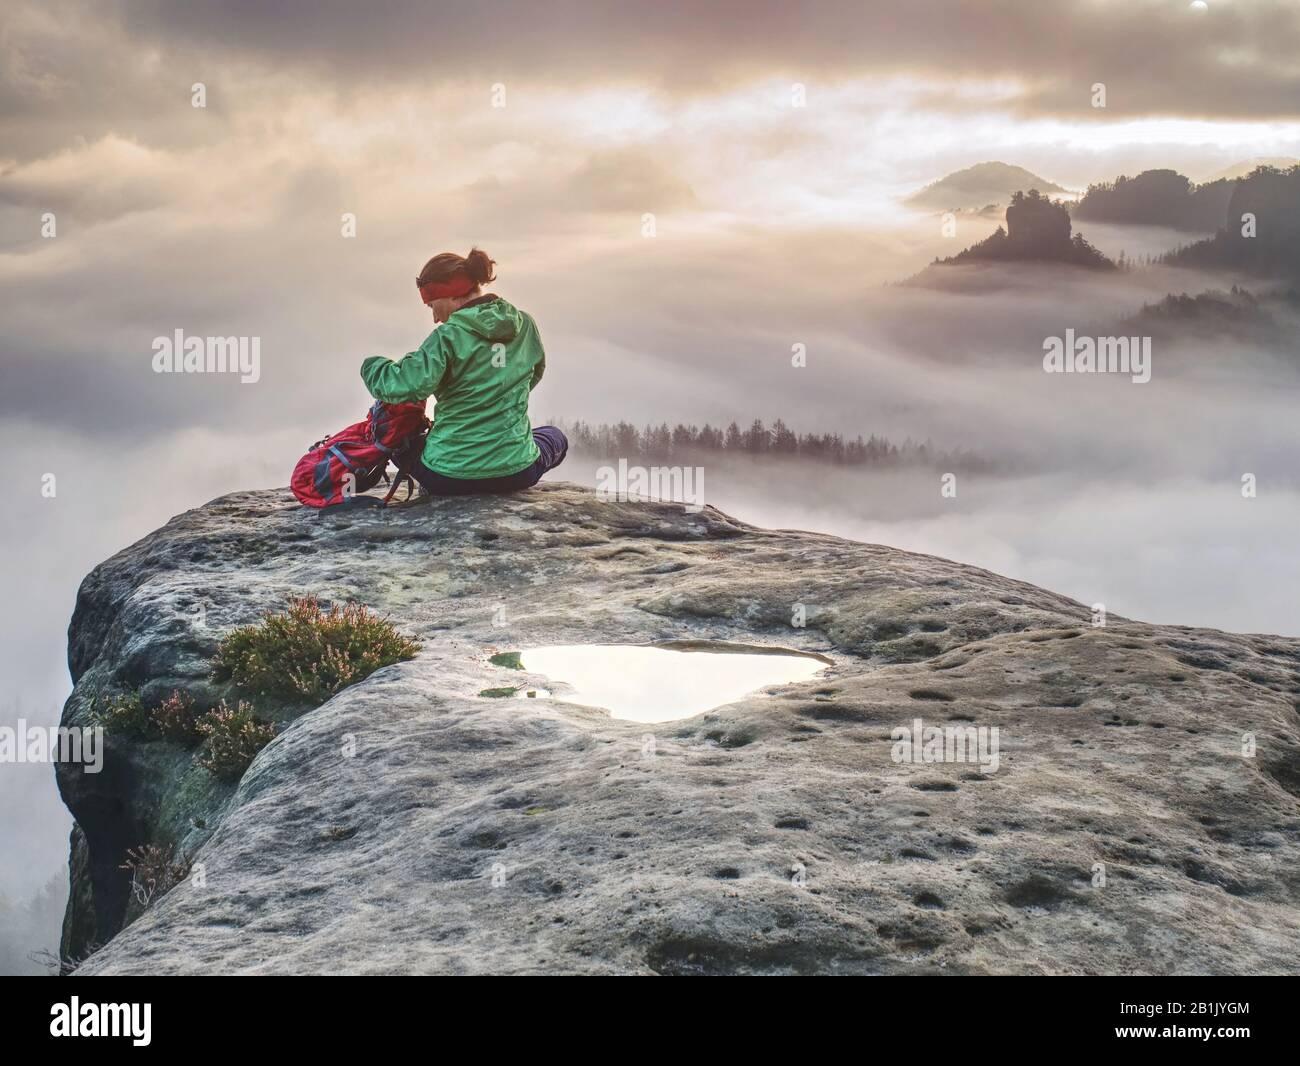 Las manos de las niñas en la cima de la montaña se levantaron sobre las nubes. Travel Lifestyle concepto de éxito aventura vacaciones activas al aire libre Foto de stock